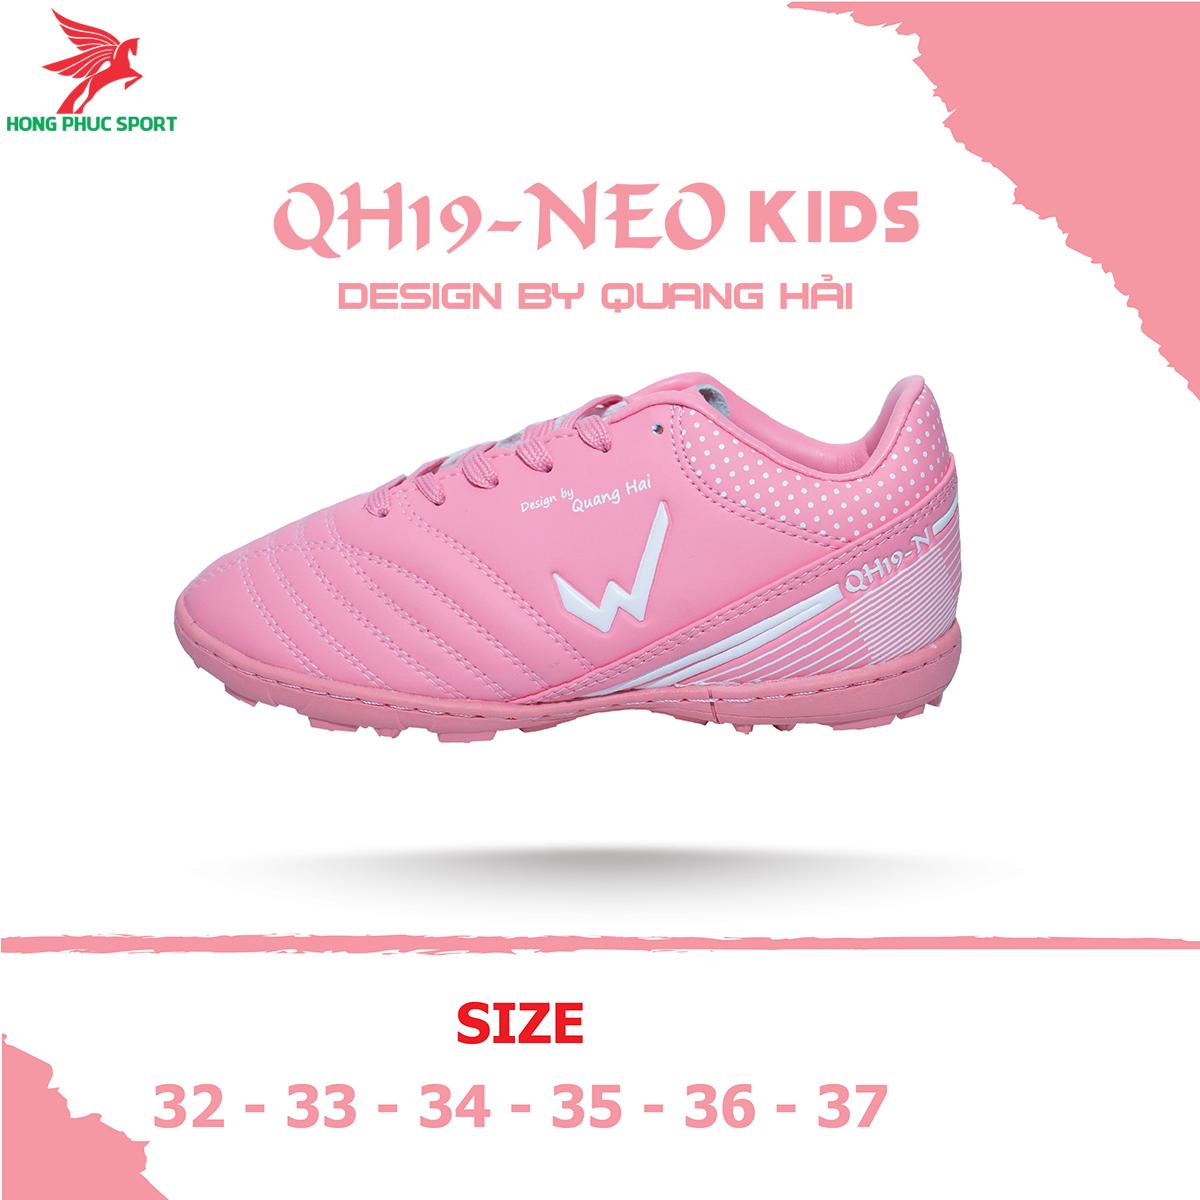 Giày đá banh Wika QH19 Neo Kids sân cỏ nhân tạo màu Hồng (2)